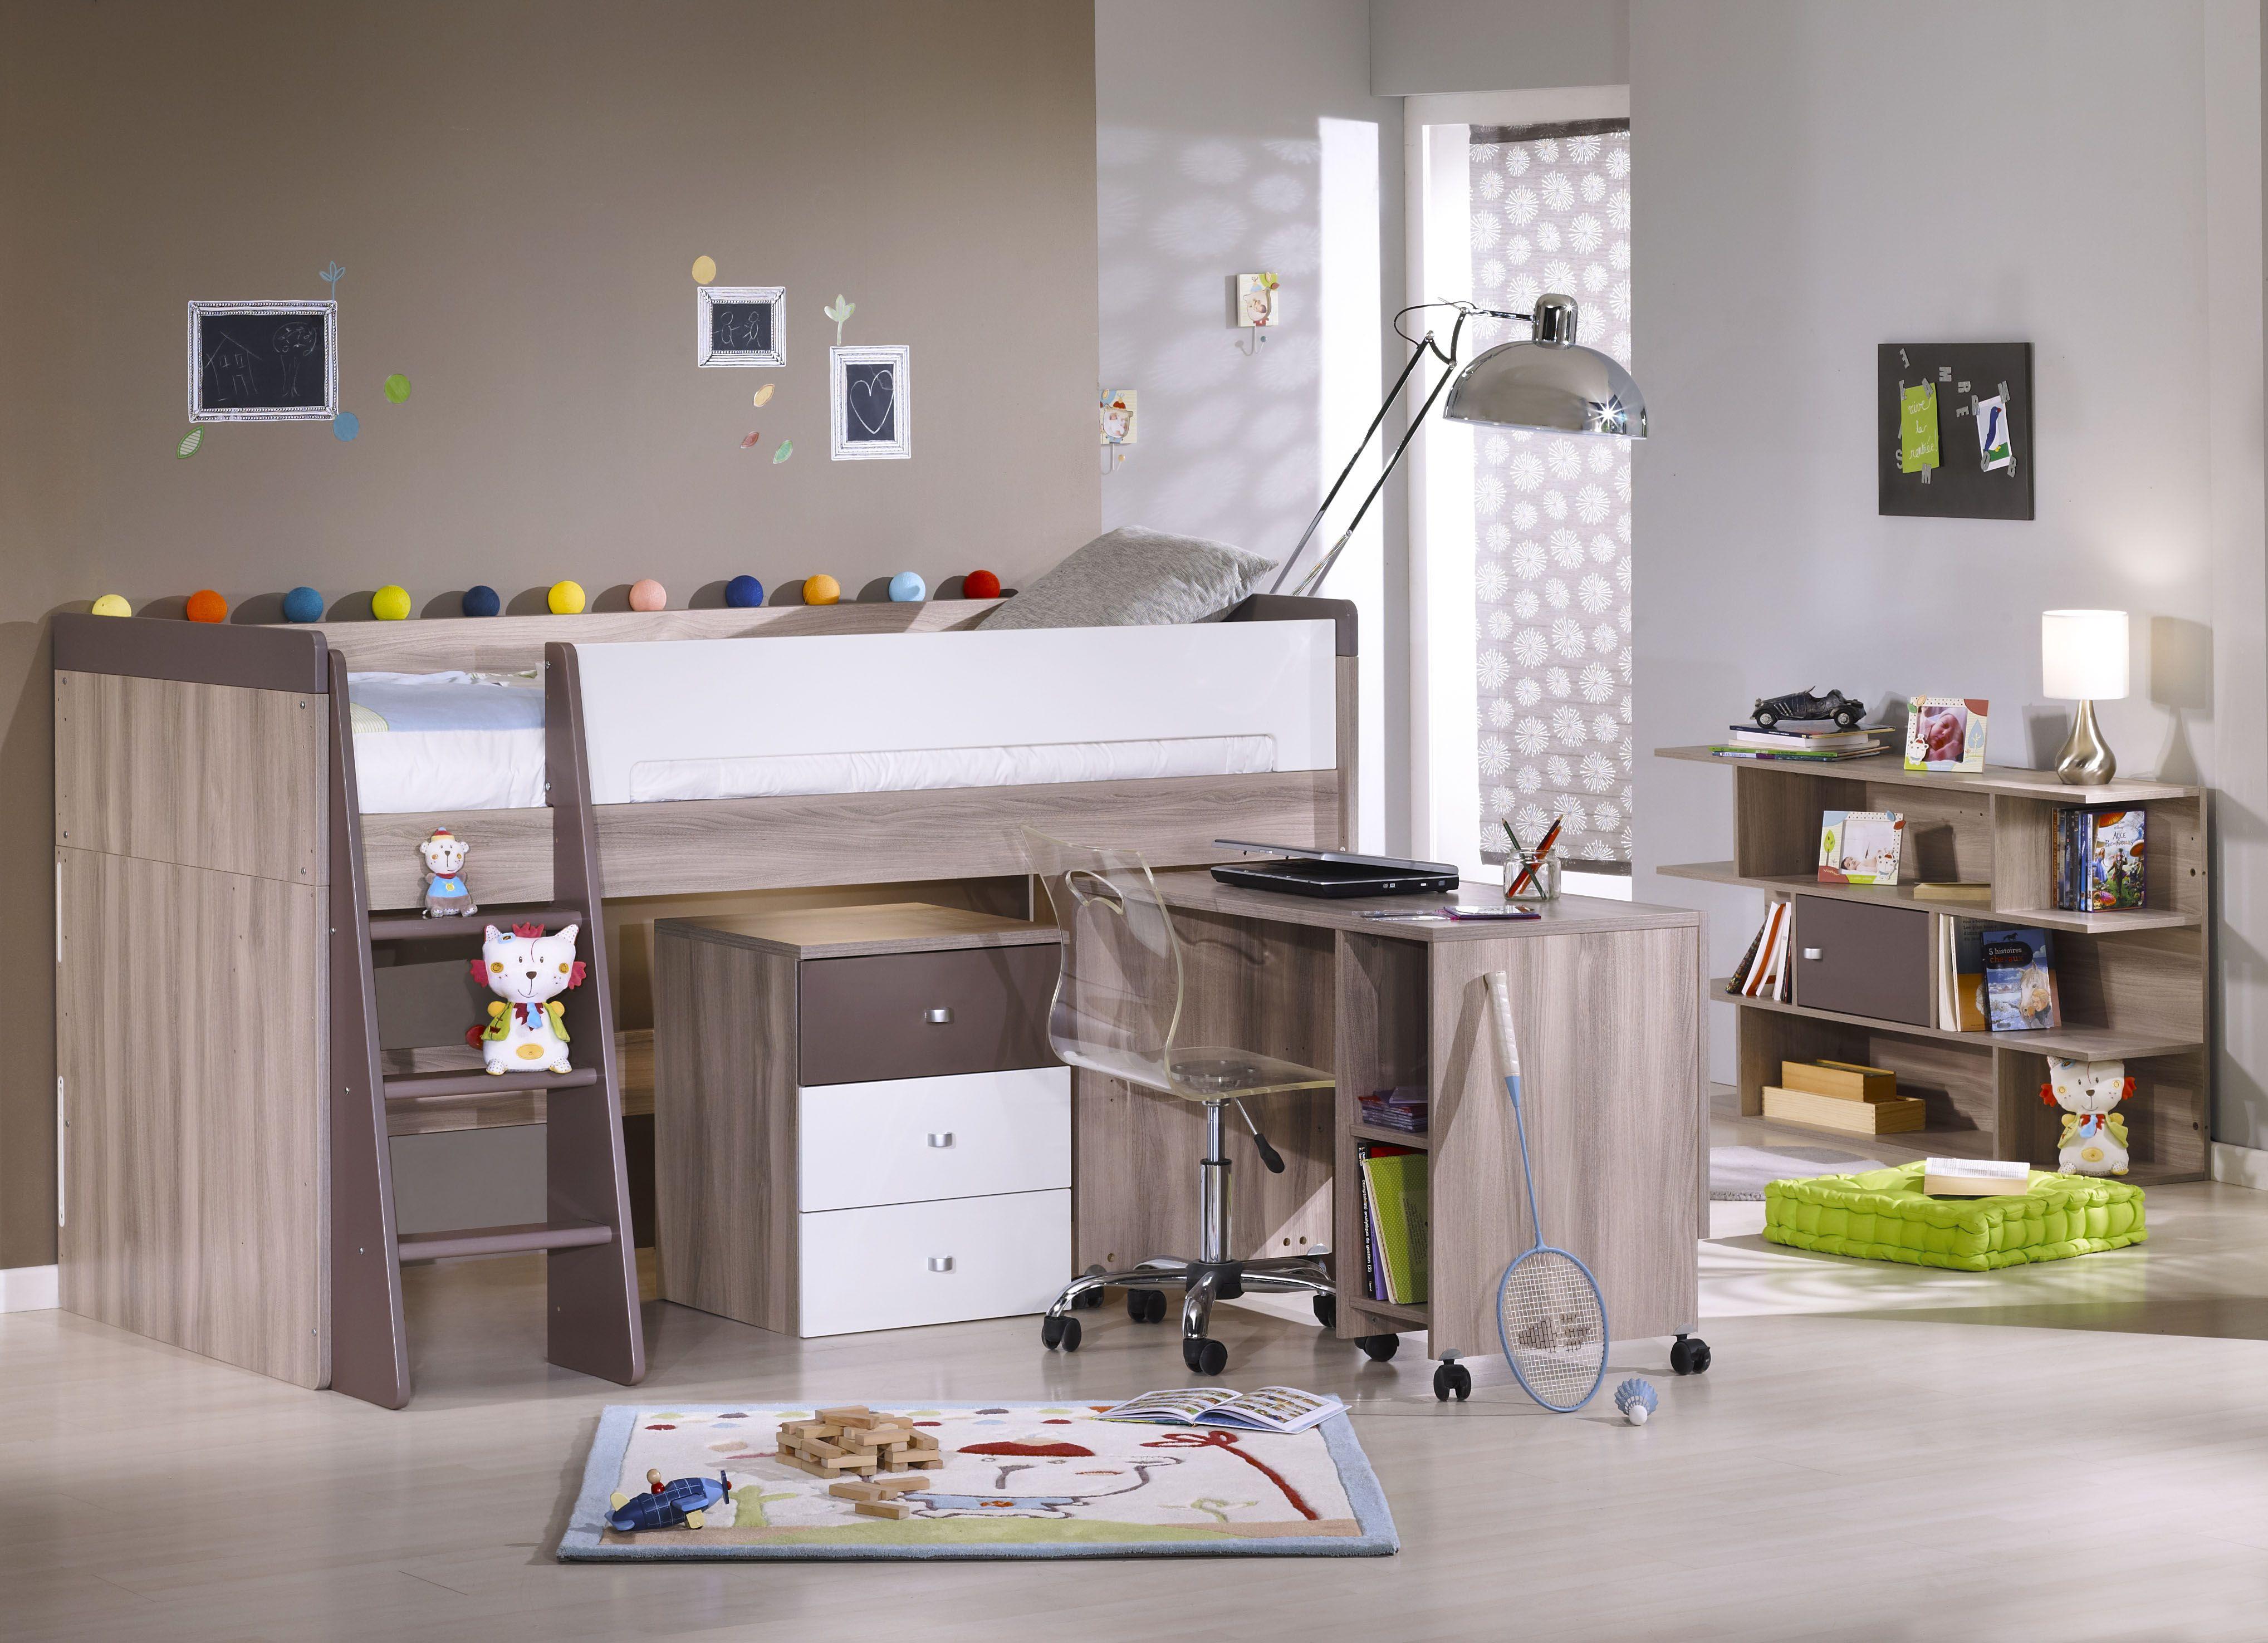 sauthon c 39 est aussi des chambres junior d couvrez vite la collection xxl taupe chambre b b. Black Bedroom Furniture Sets. Home Design Ideas